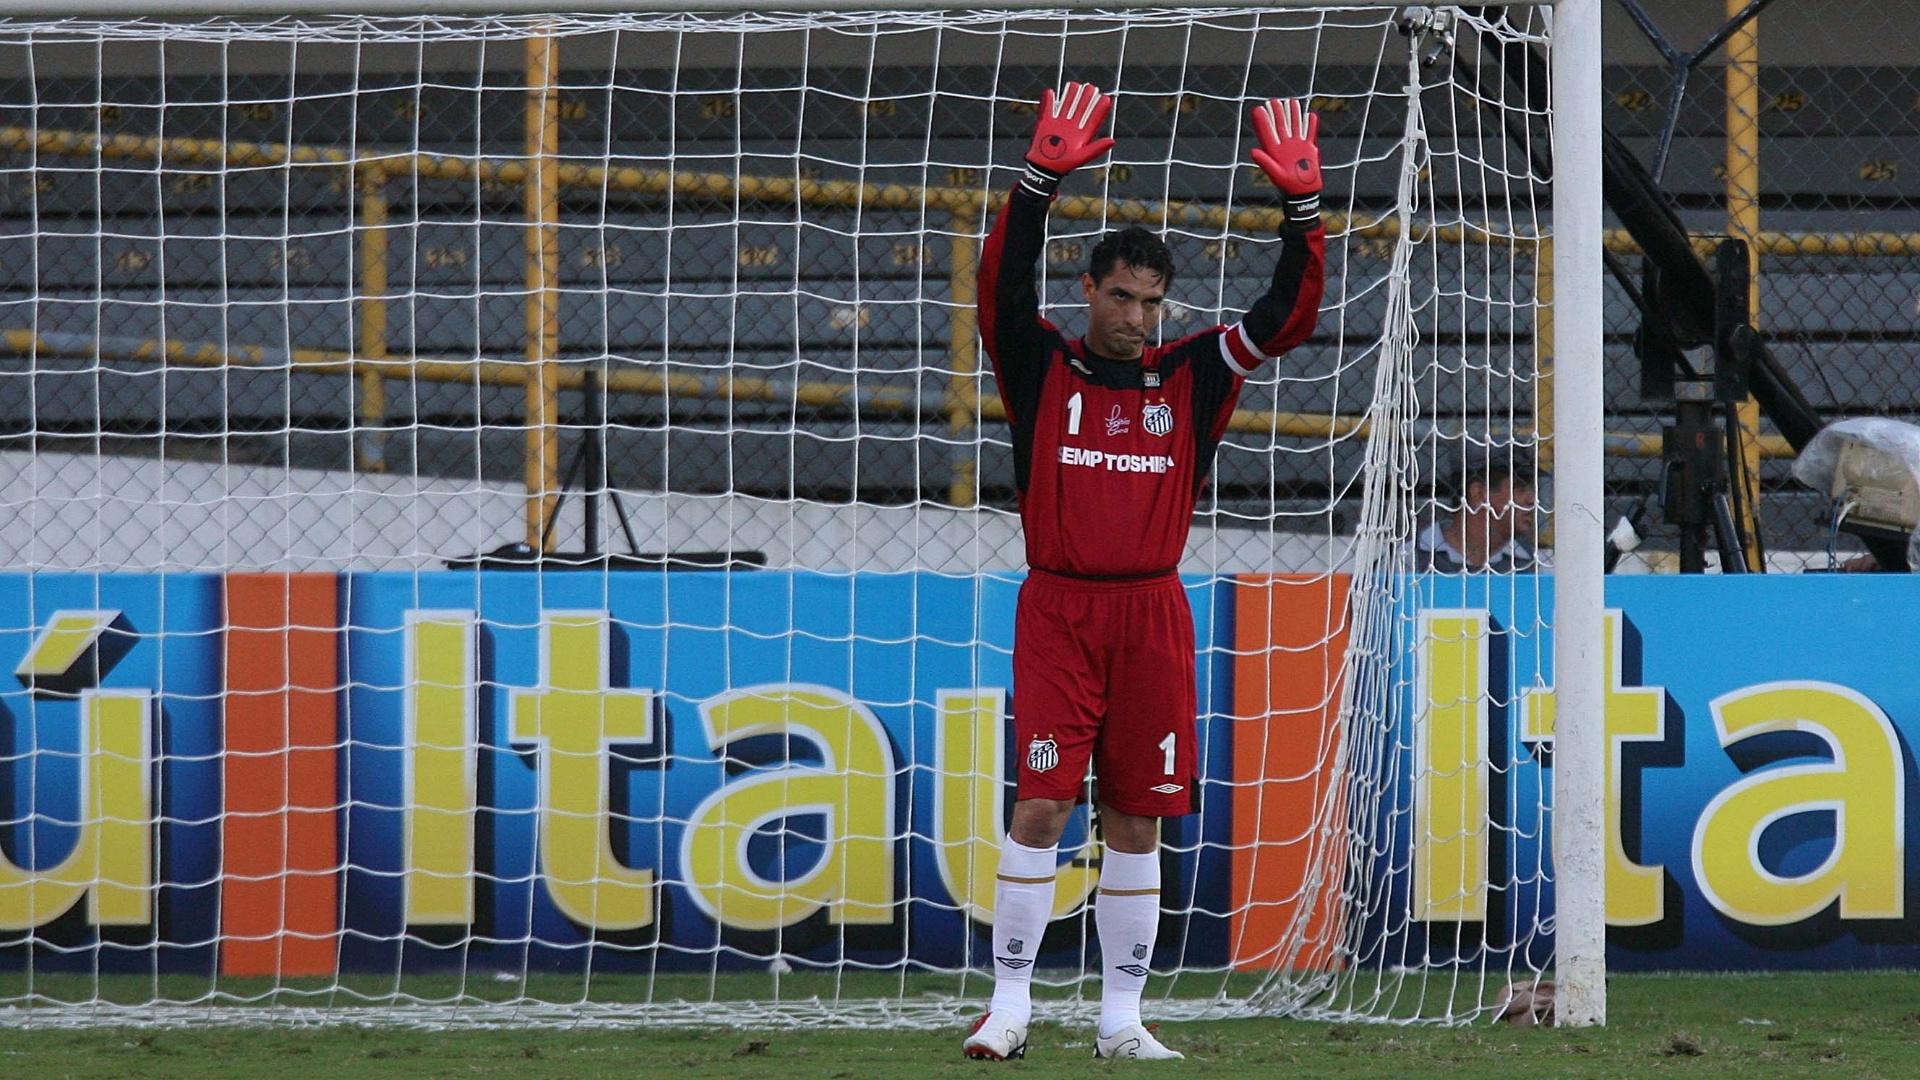 Fabio Costa pede desculpa pela falha no gol corintiano contra o Santos, no Brasileirão de 2007